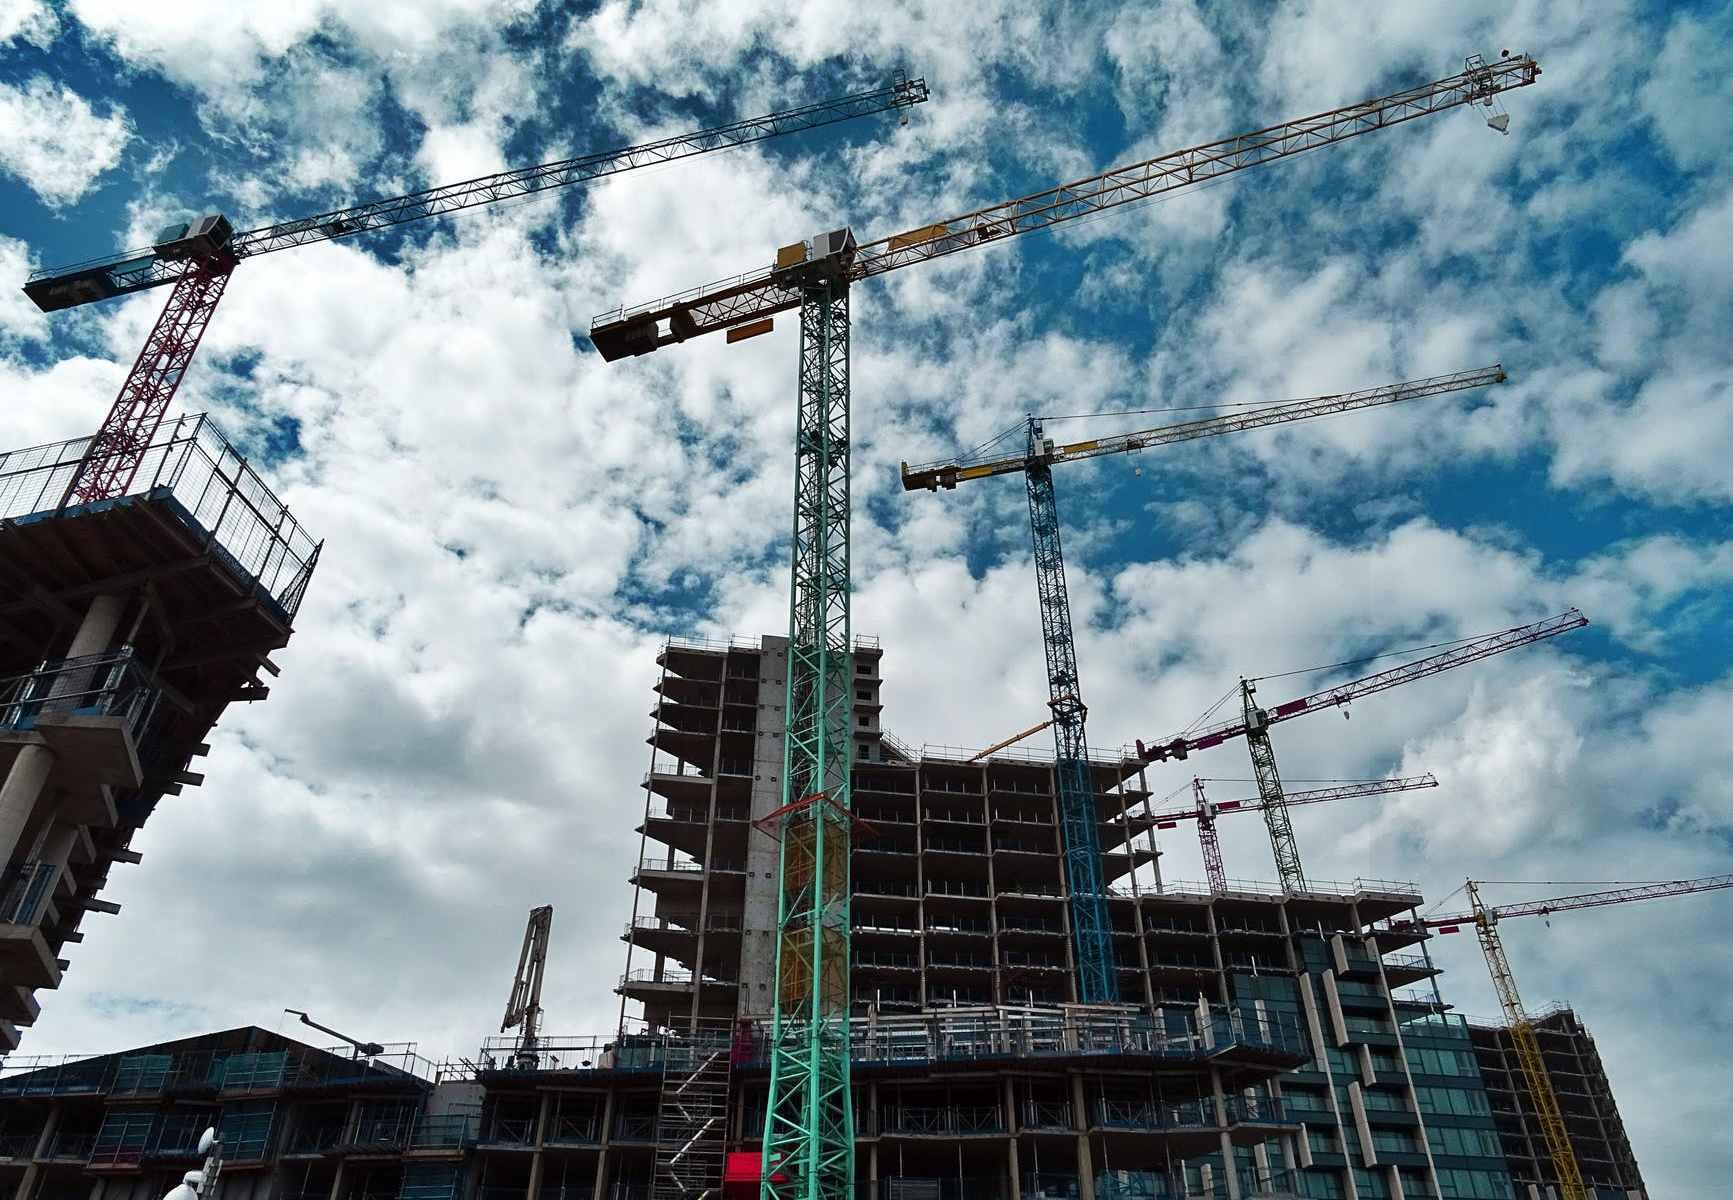 Architecture construction building